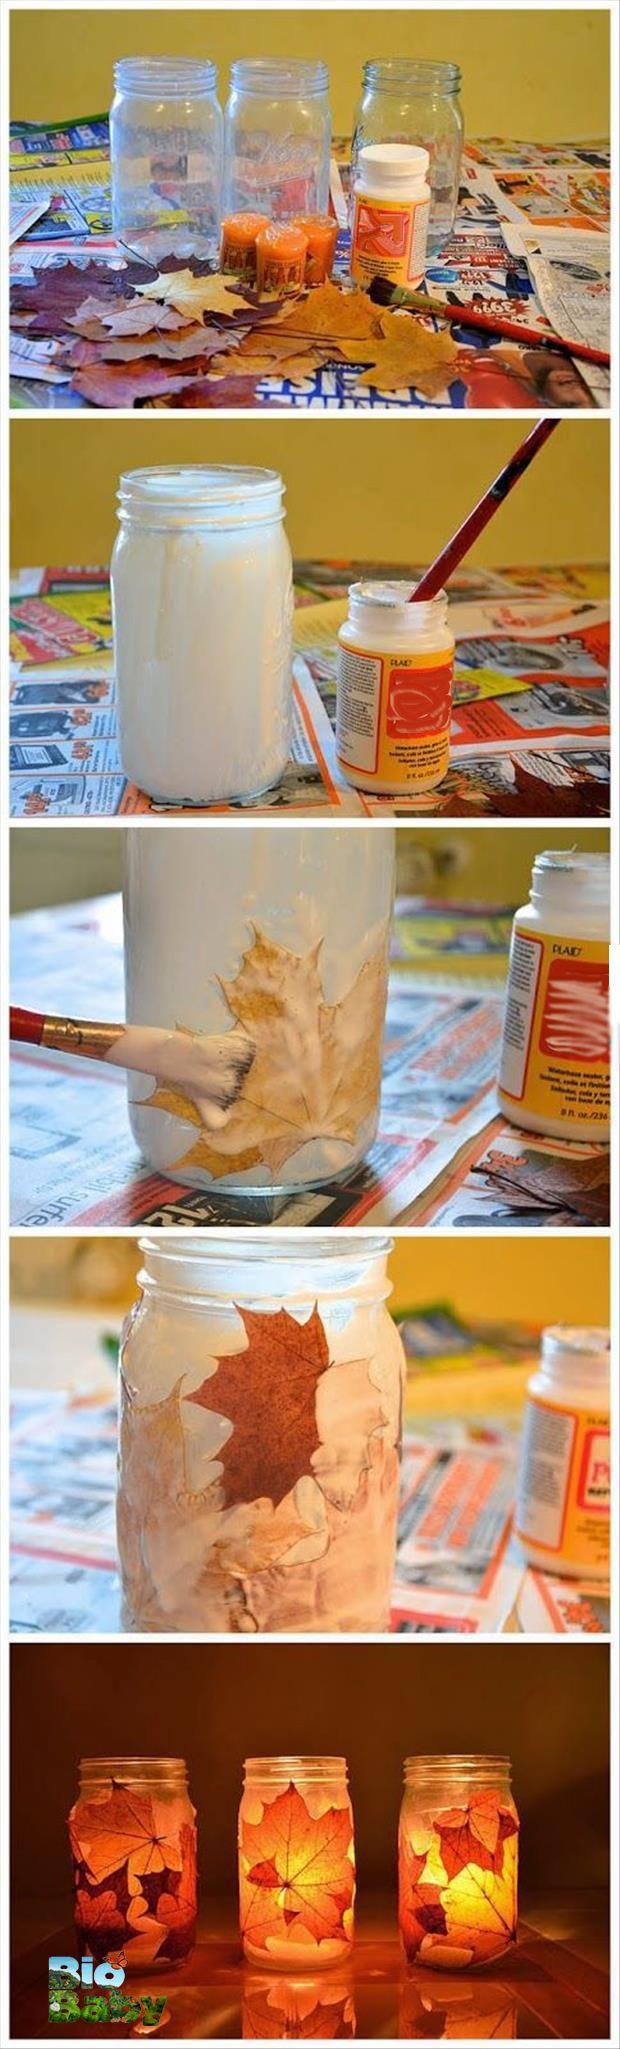 Recolecta hojas secas, adhiérelas con pegamento a un frasco de vidrio vacío y pon una vela adentro.